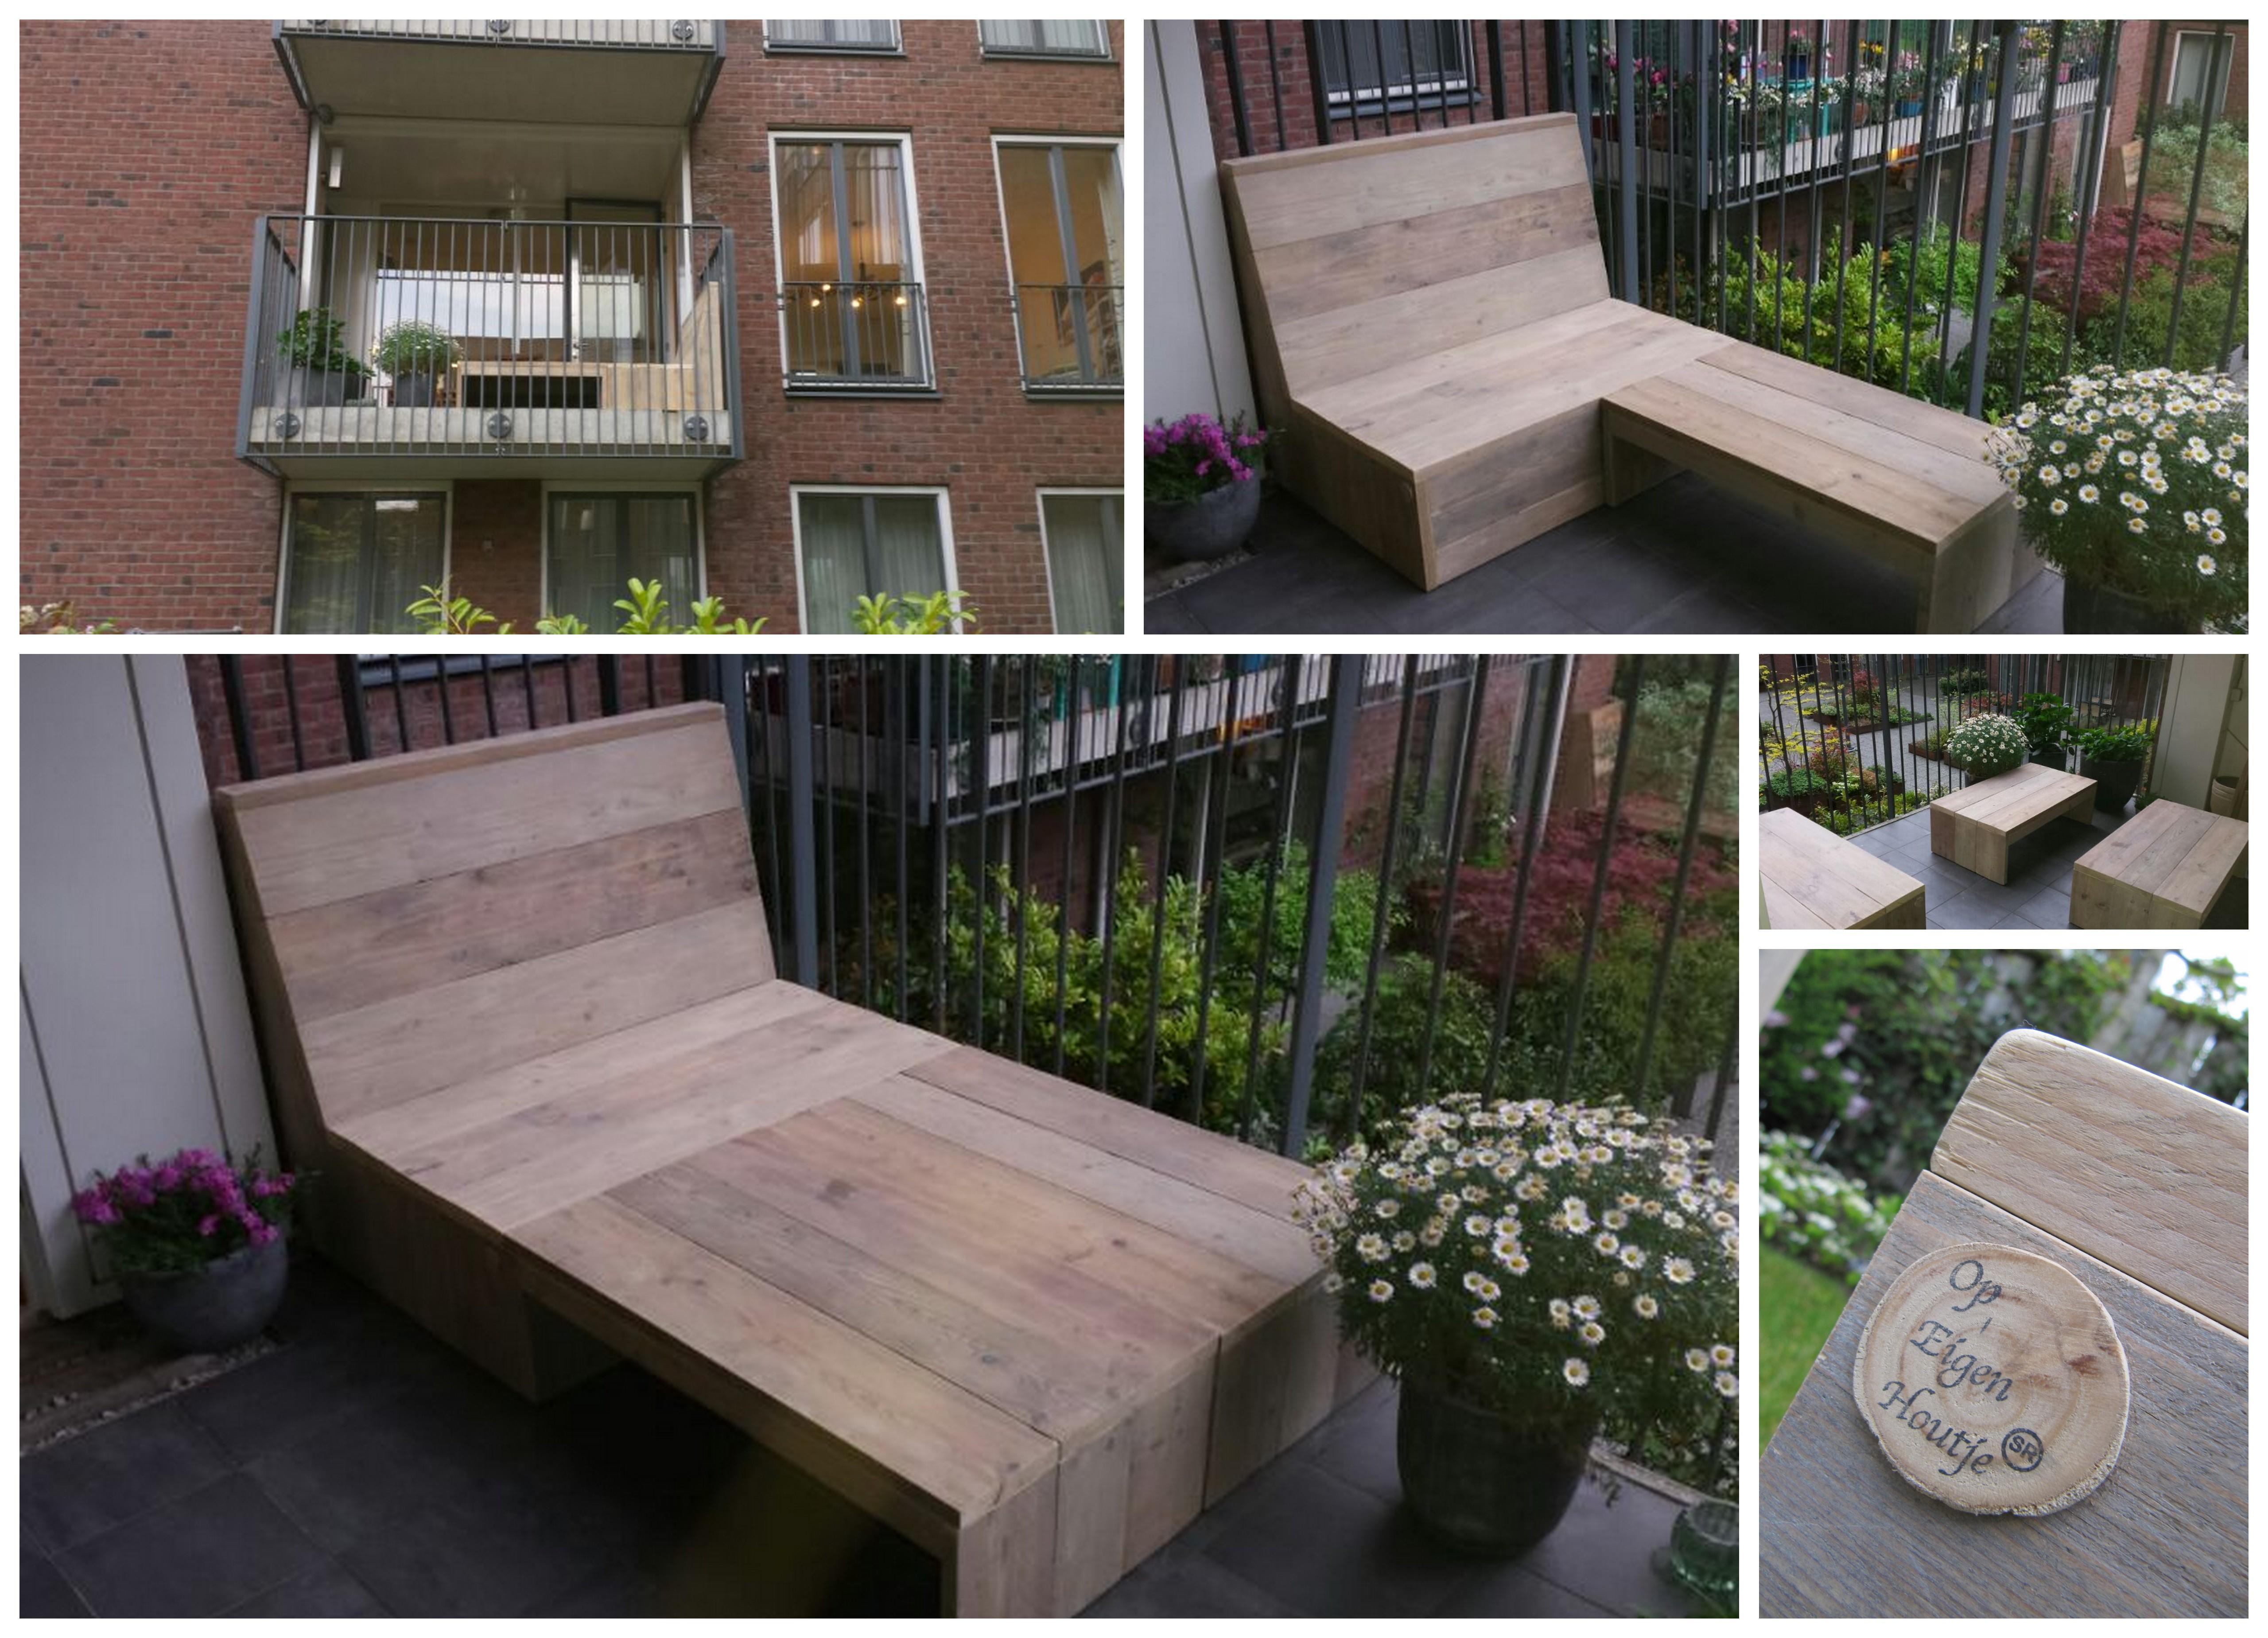 loungeset balkon 1 op eigen houtje meubels. Black Bedroom Furniture Sets. Home Design Ideas